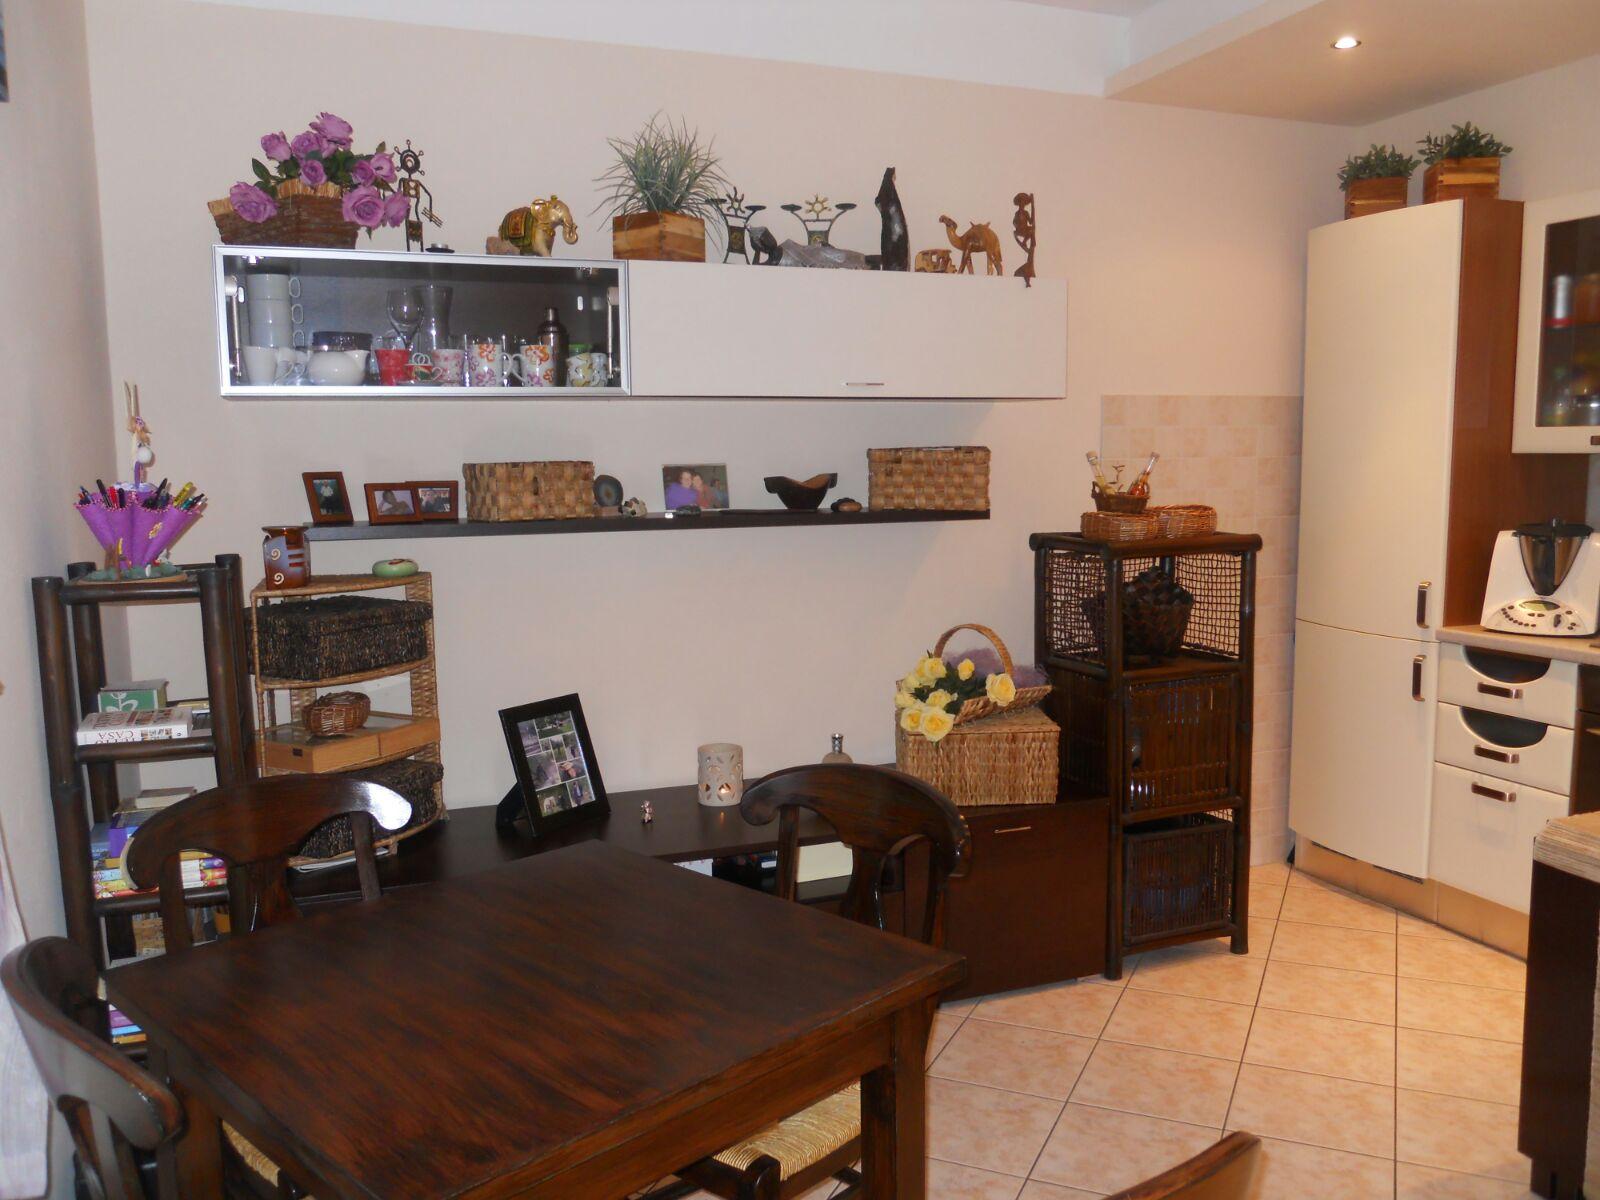 Appartamento in vendita a Cesena, 2 locali, zona Località: CENTROSTORICO, prezzo € 128.000 | CambioCasa.it